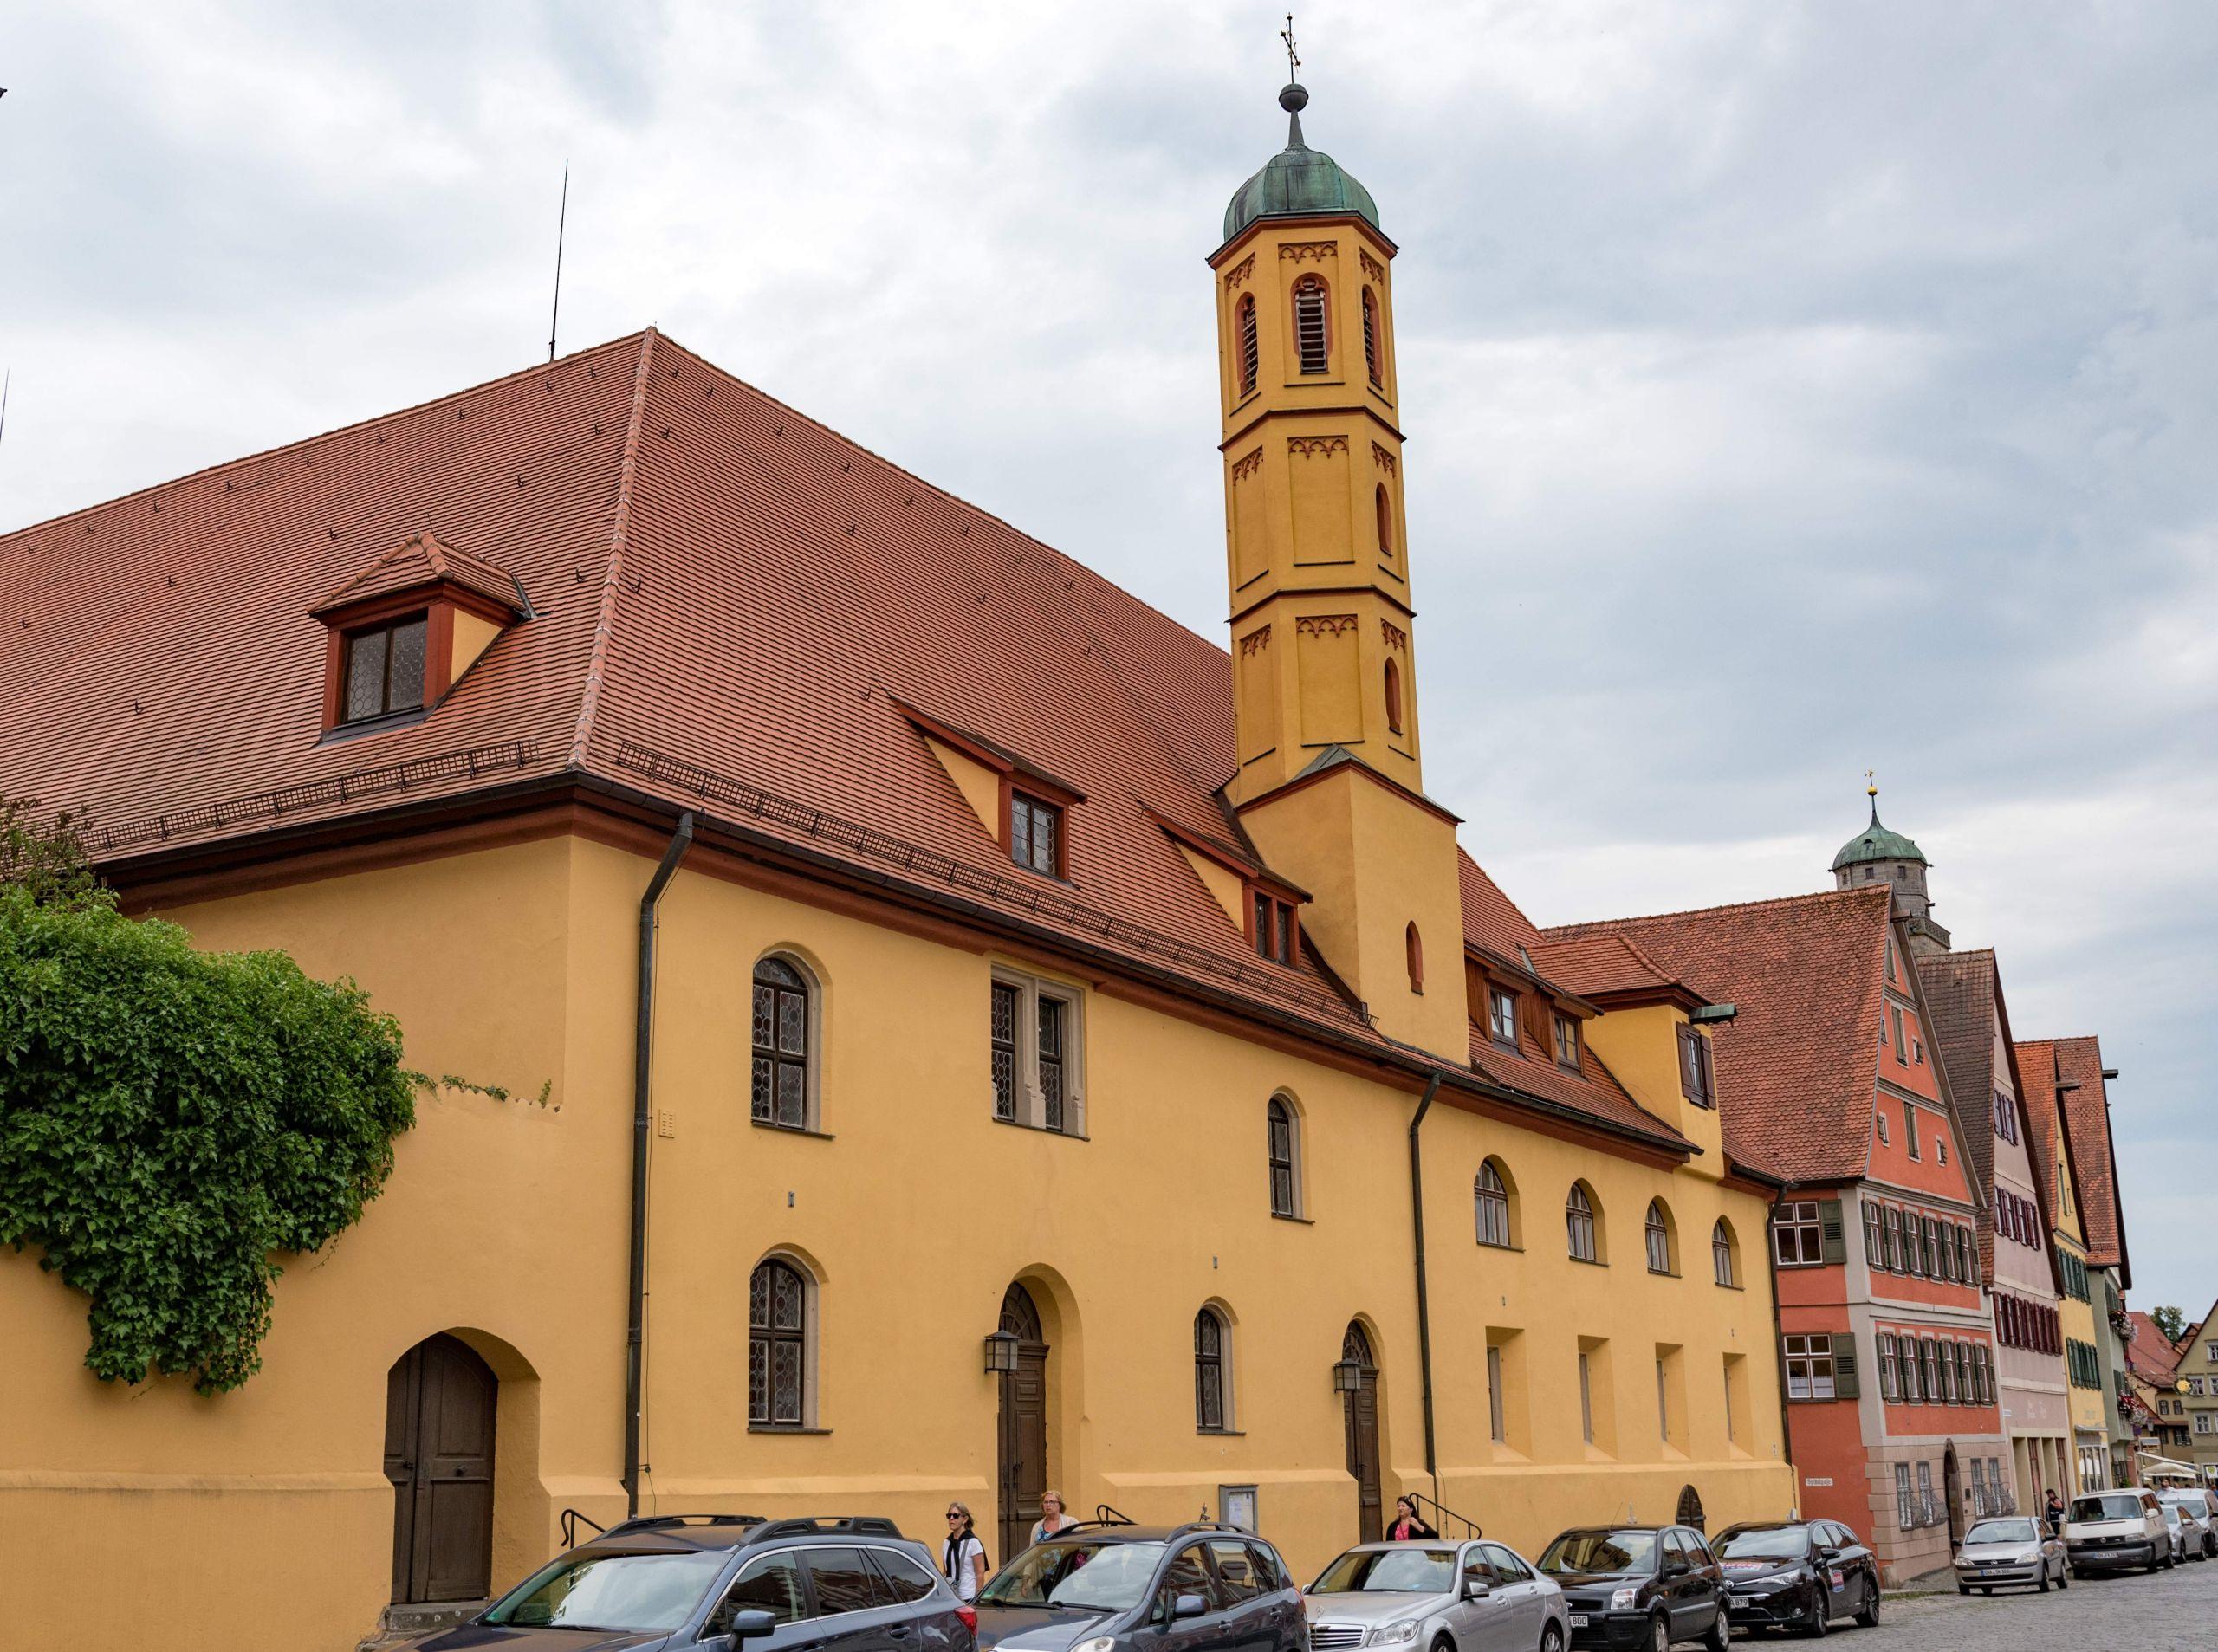 Dinkelsbühl Dr Martin Luther Straße 6a 001